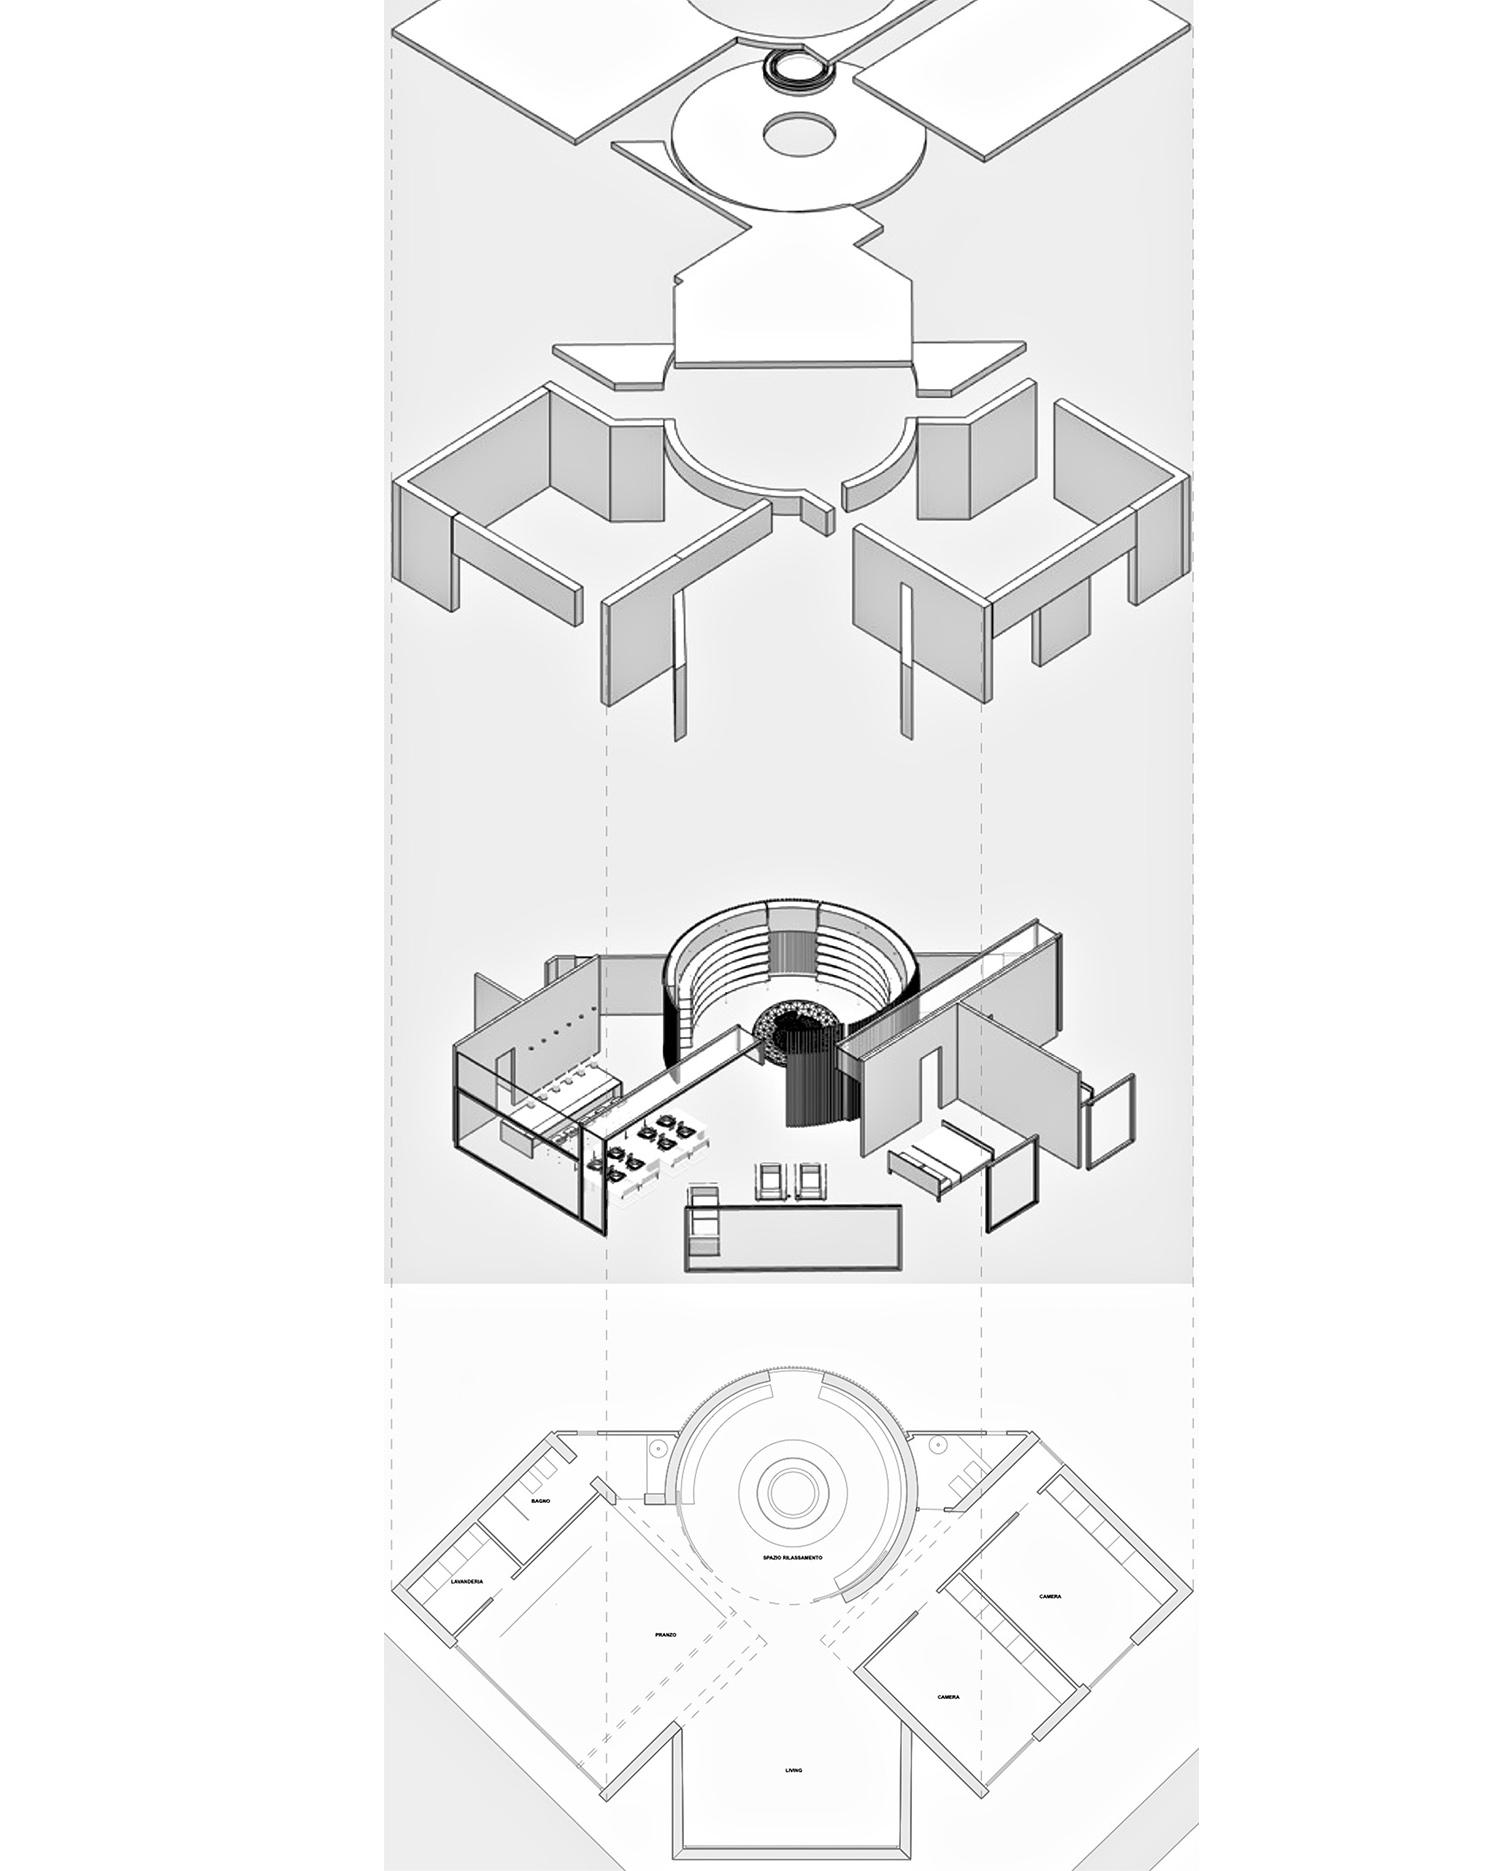 ASSONOMETRIA MODUSLAB ARCHITECTURE INTERIOR DESIGN}